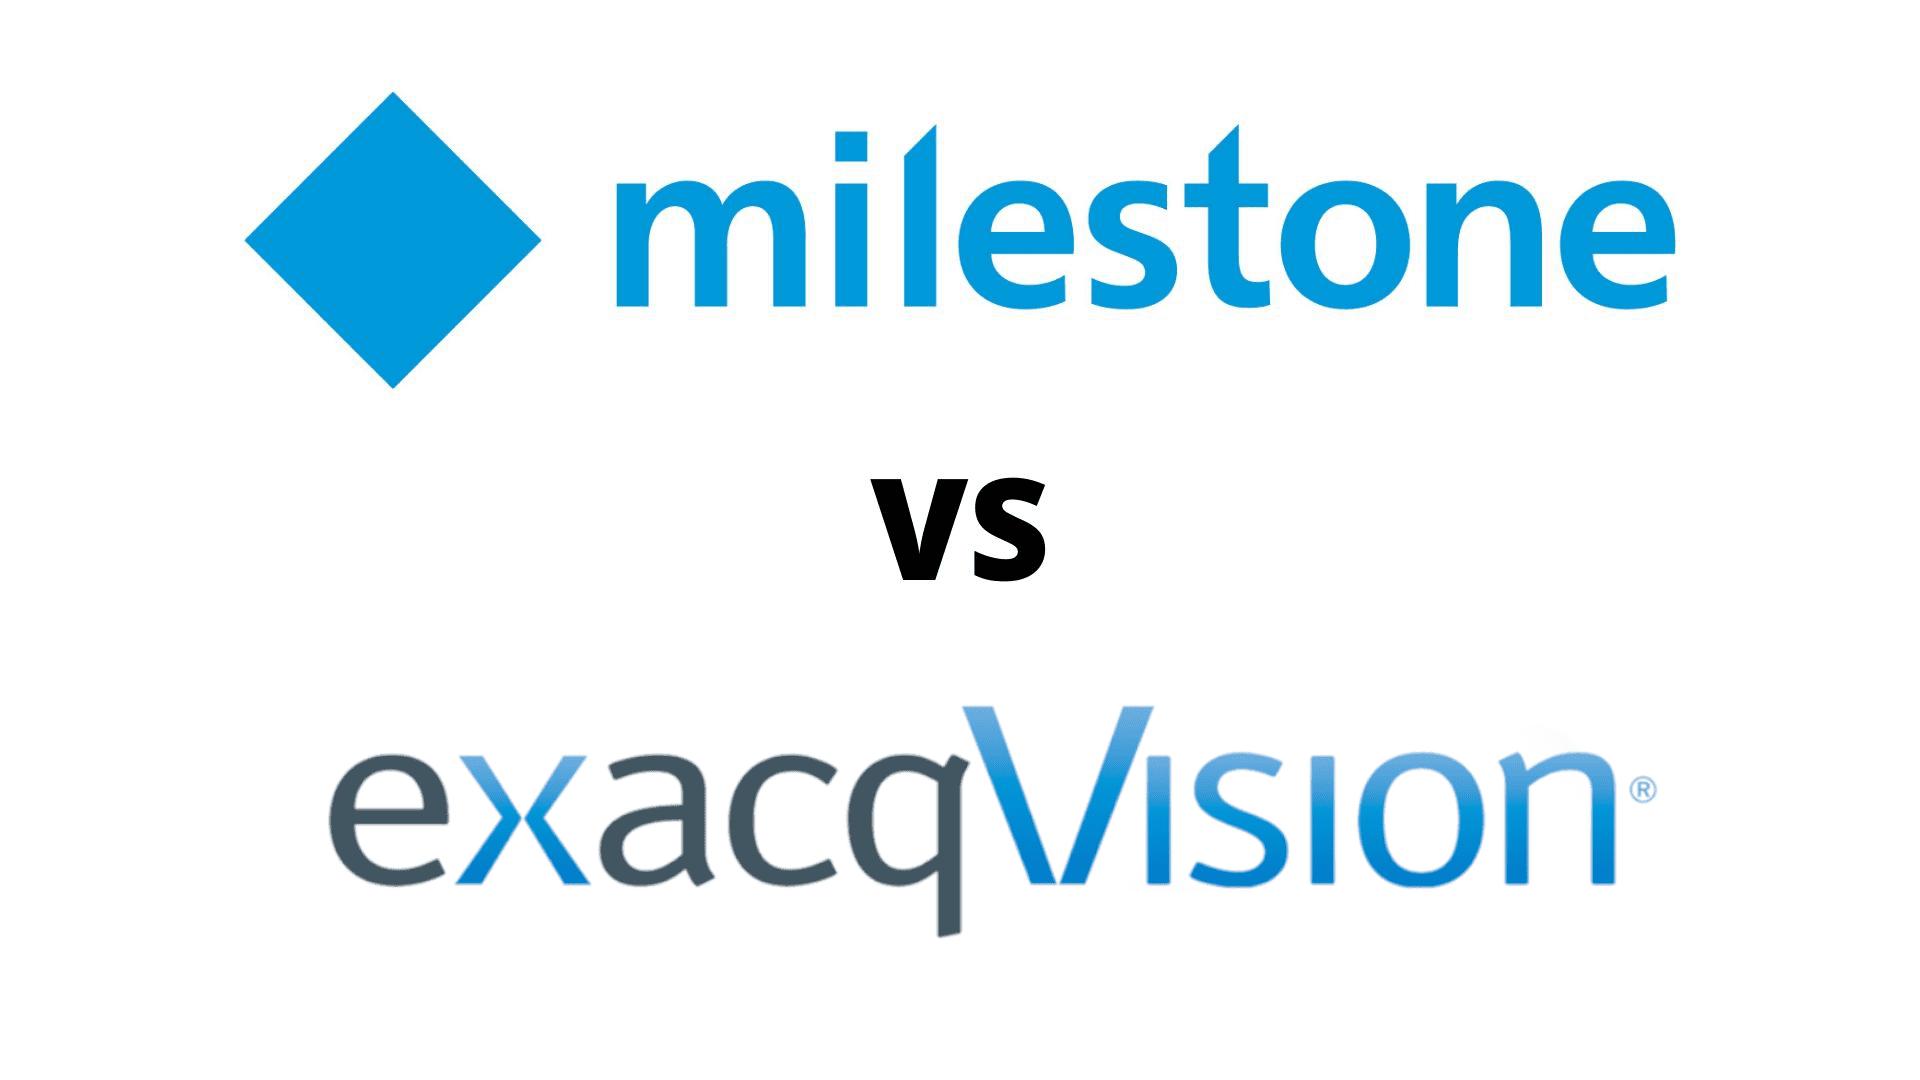 Milestone-vs-exacqvision